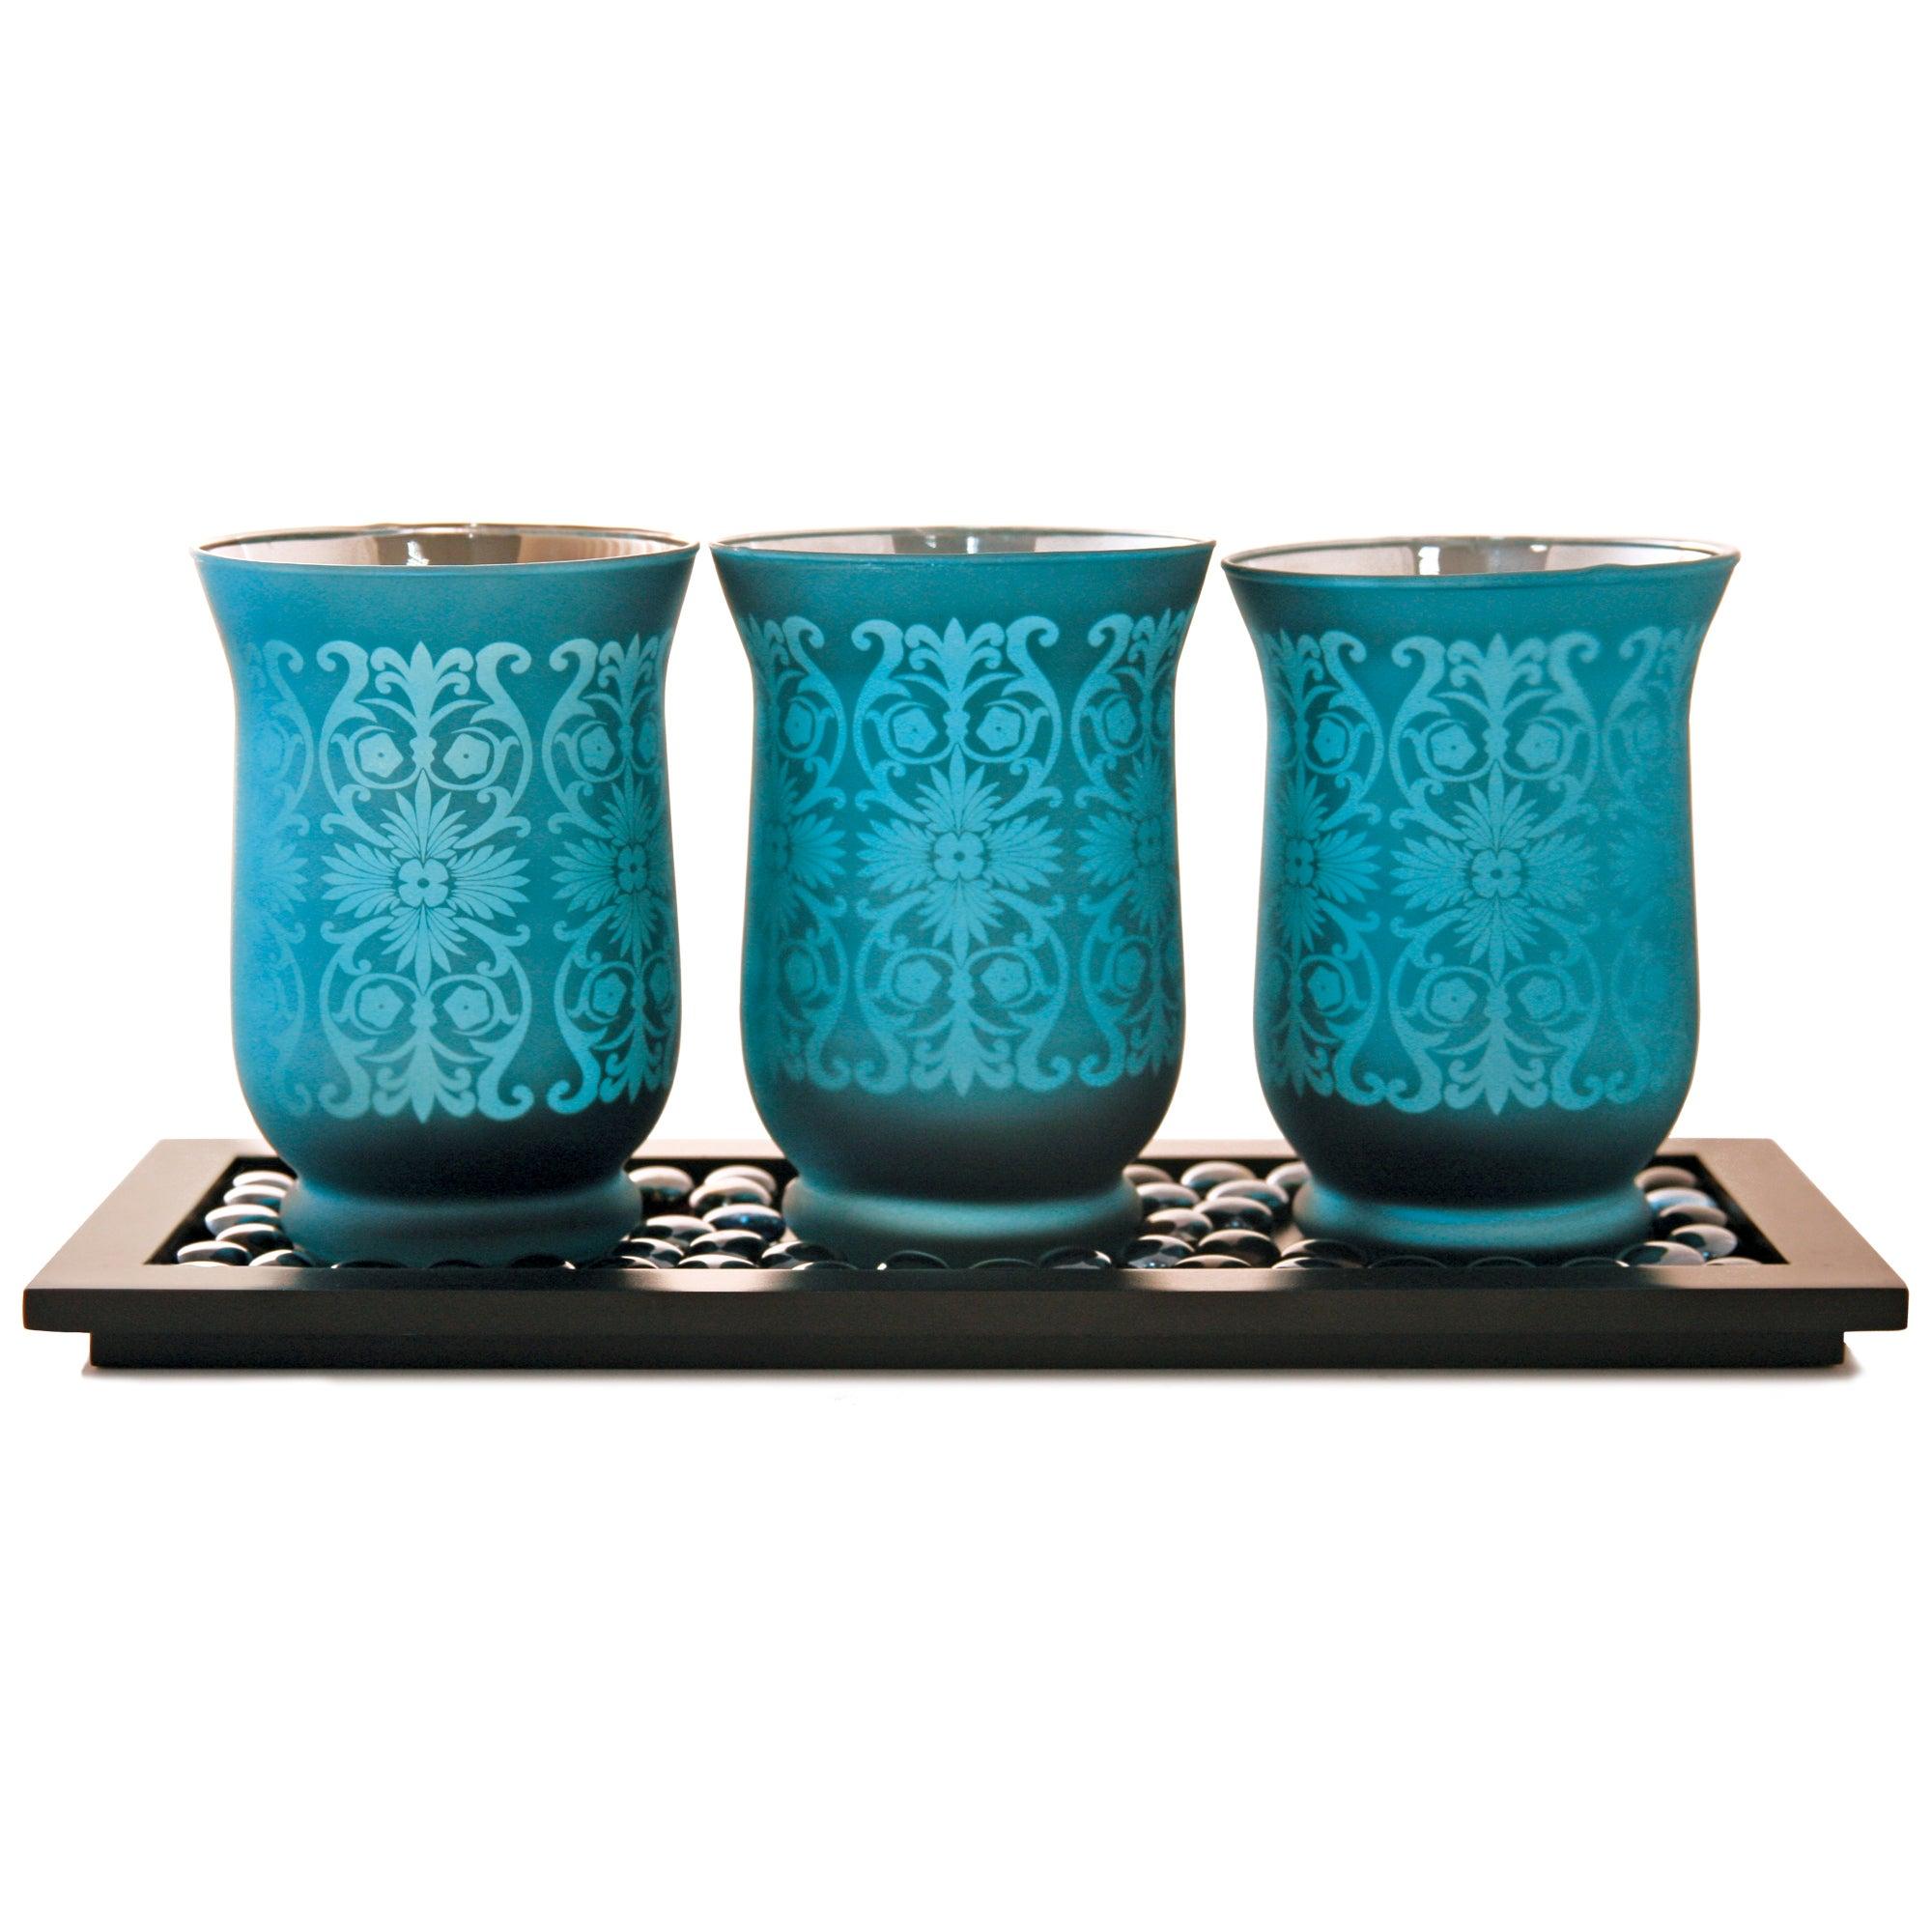 global fusion collection hurricane candle holder set dunelm. Black Bedroom Furniture Sets. Home Design Ideas